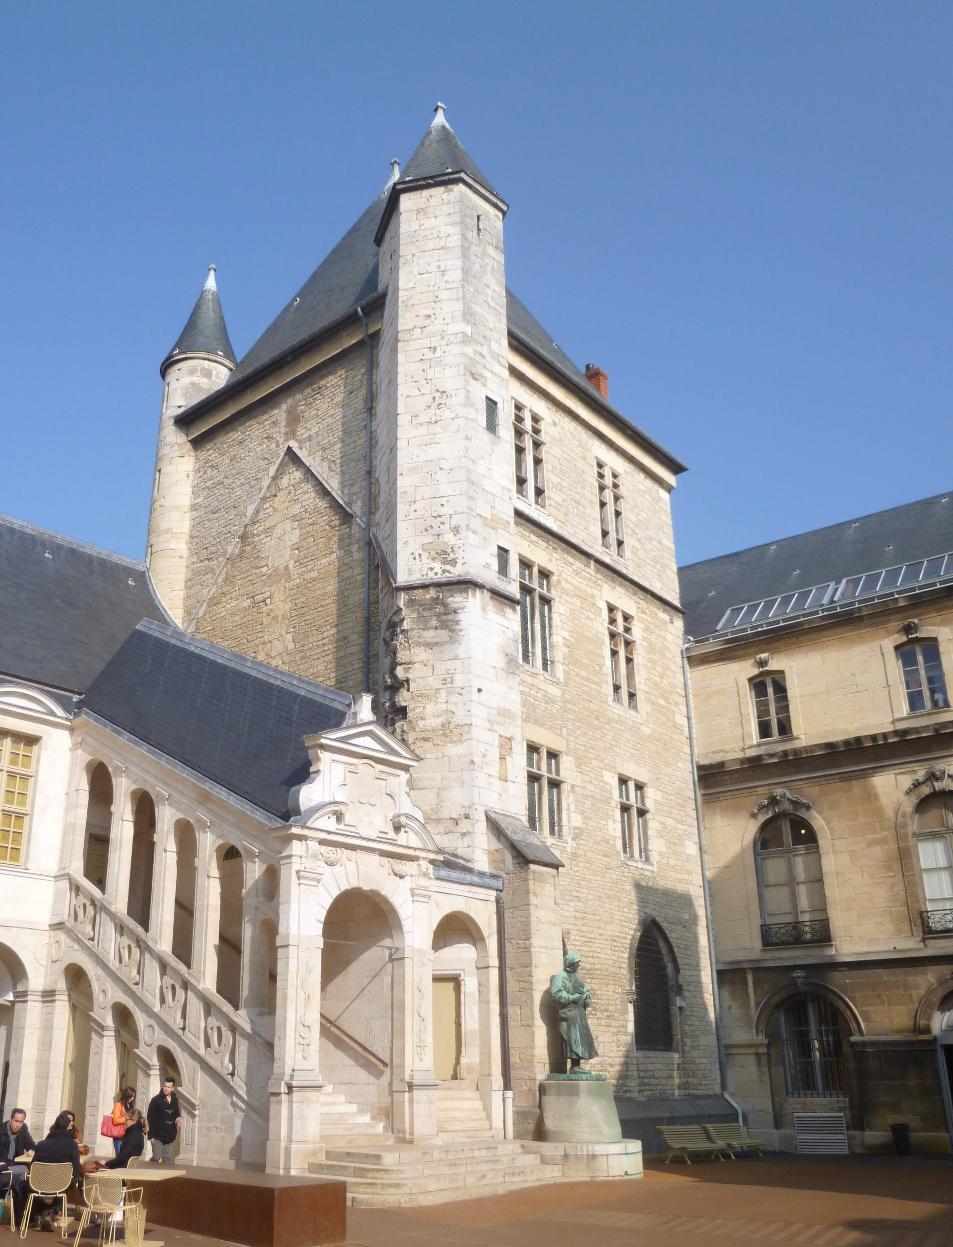 Palais_des_Ducs_et_des_Etats_de_Bourogne_Dijon_-_Tour_de_Bar_-_Photographie_de_E_Moreau_pour_Les_Vis